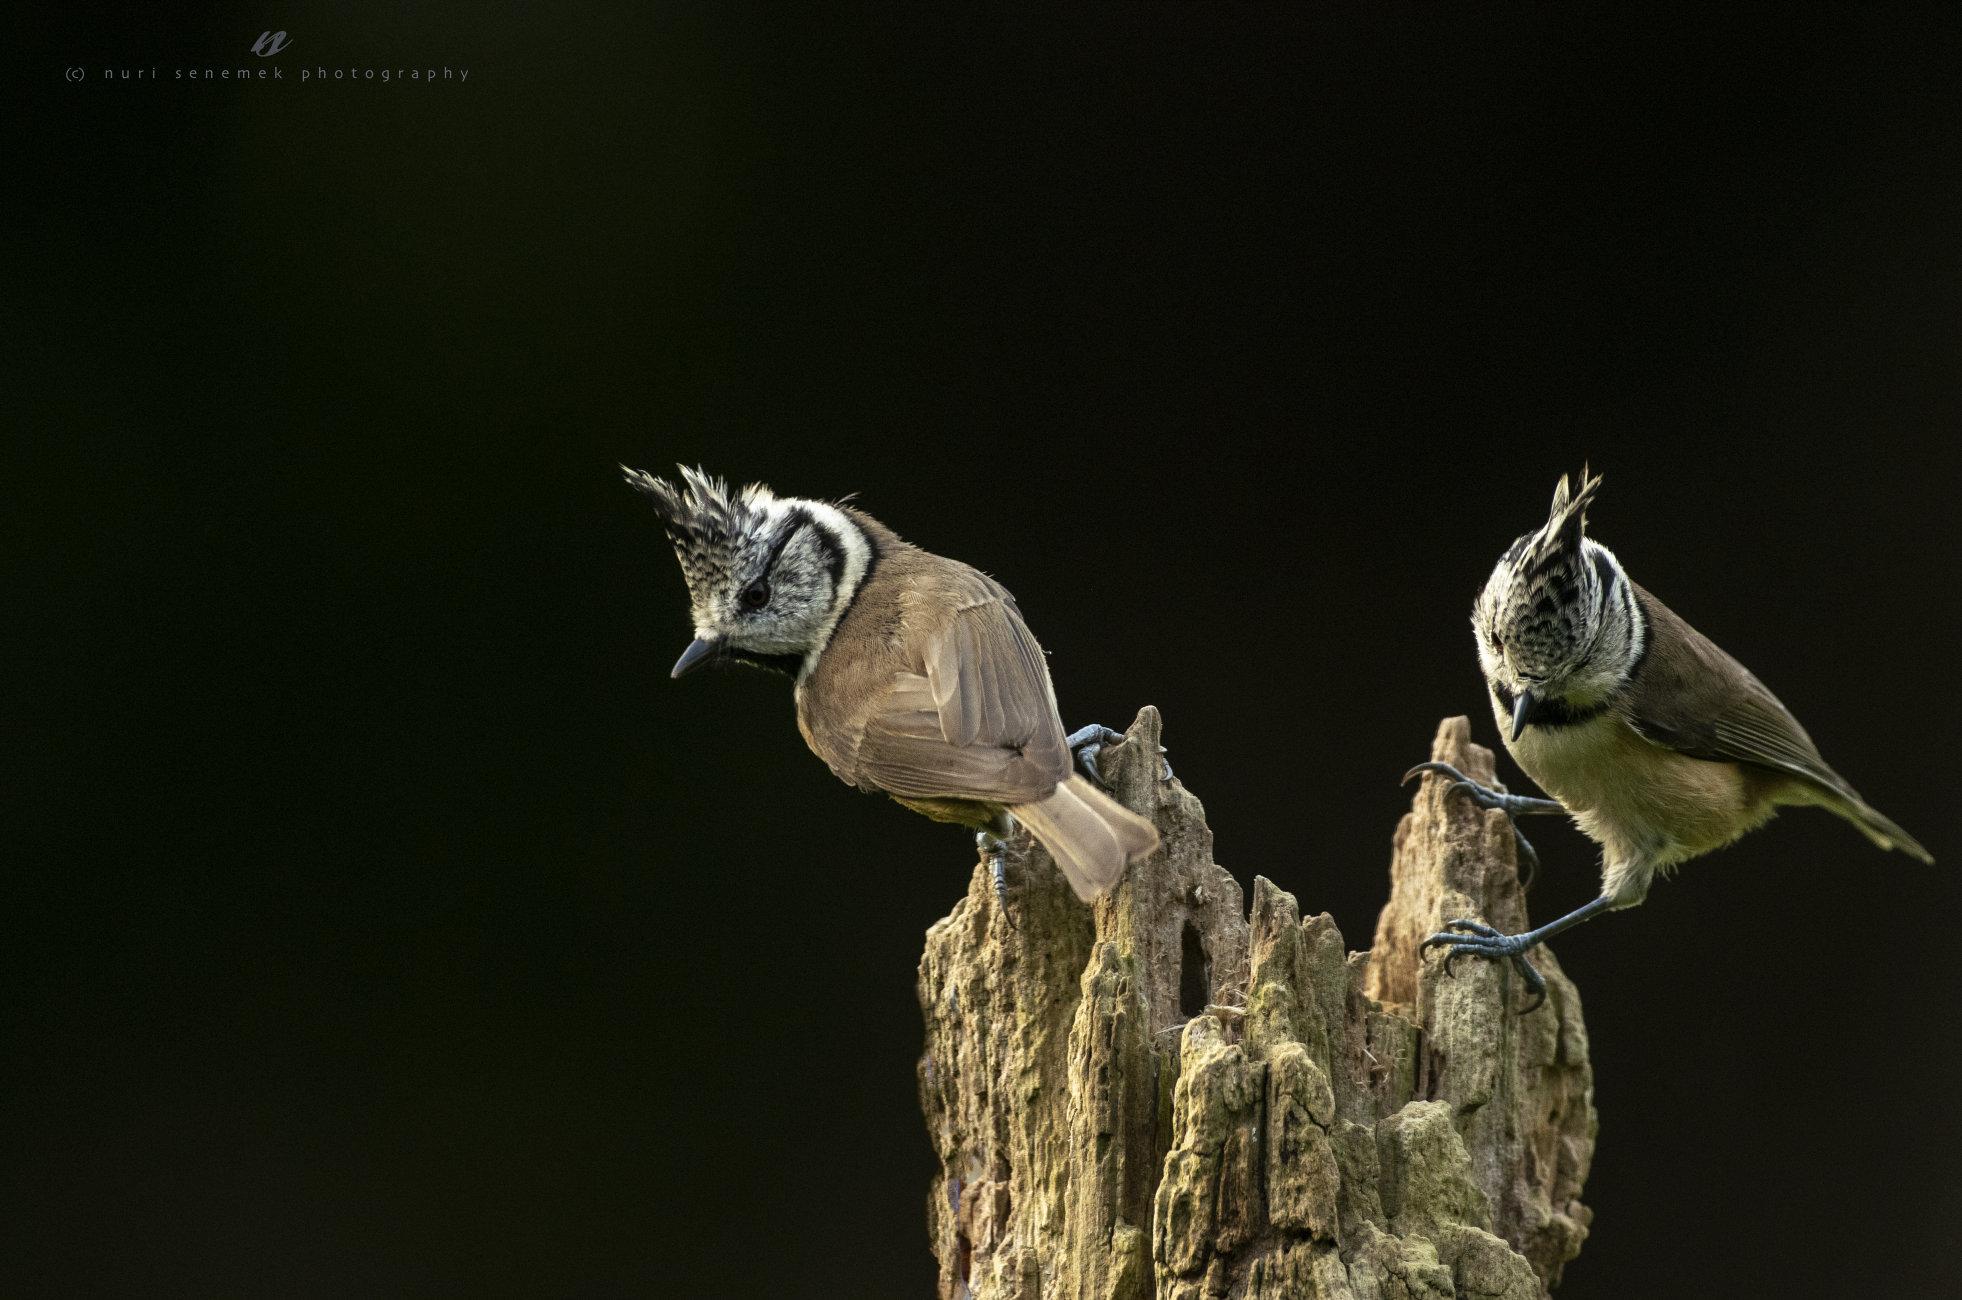 crested tit / Lophophanes cristatus